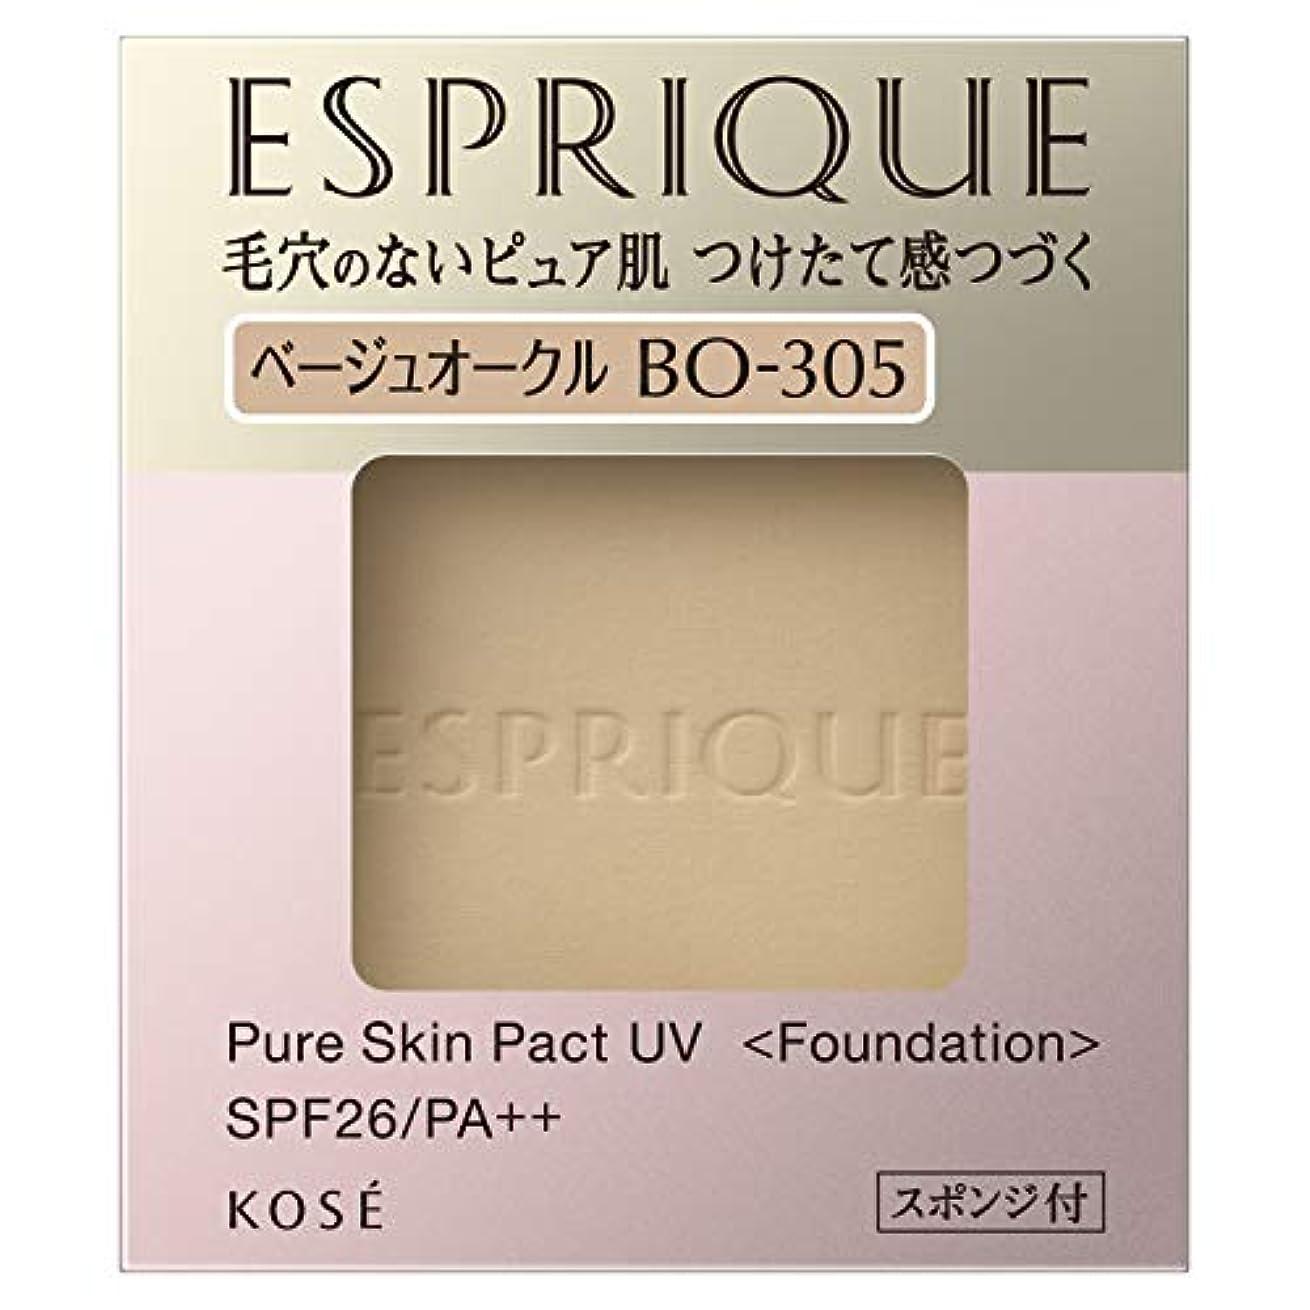 文字殺します破裂エスプリーク ピュアスキン パクト UV BO-305 ベージュオークル 9.3g